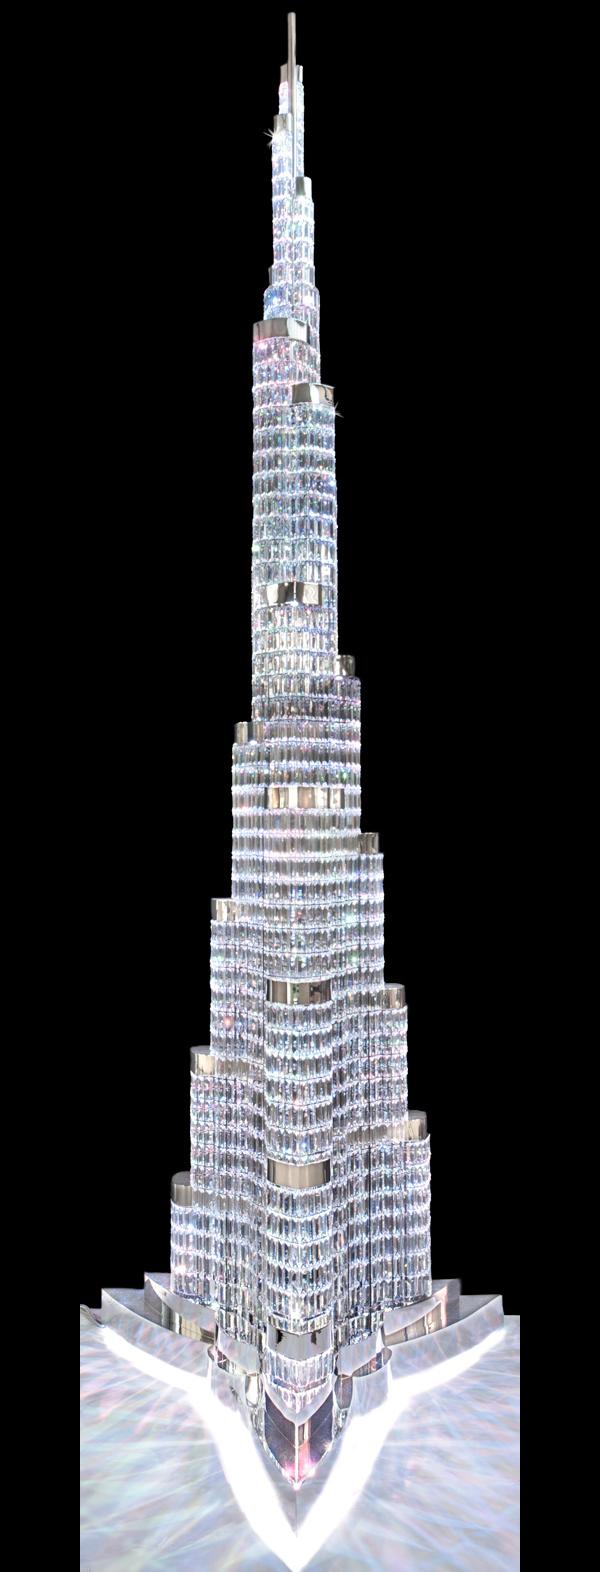 люстра от Faustig в виде небоскрёба